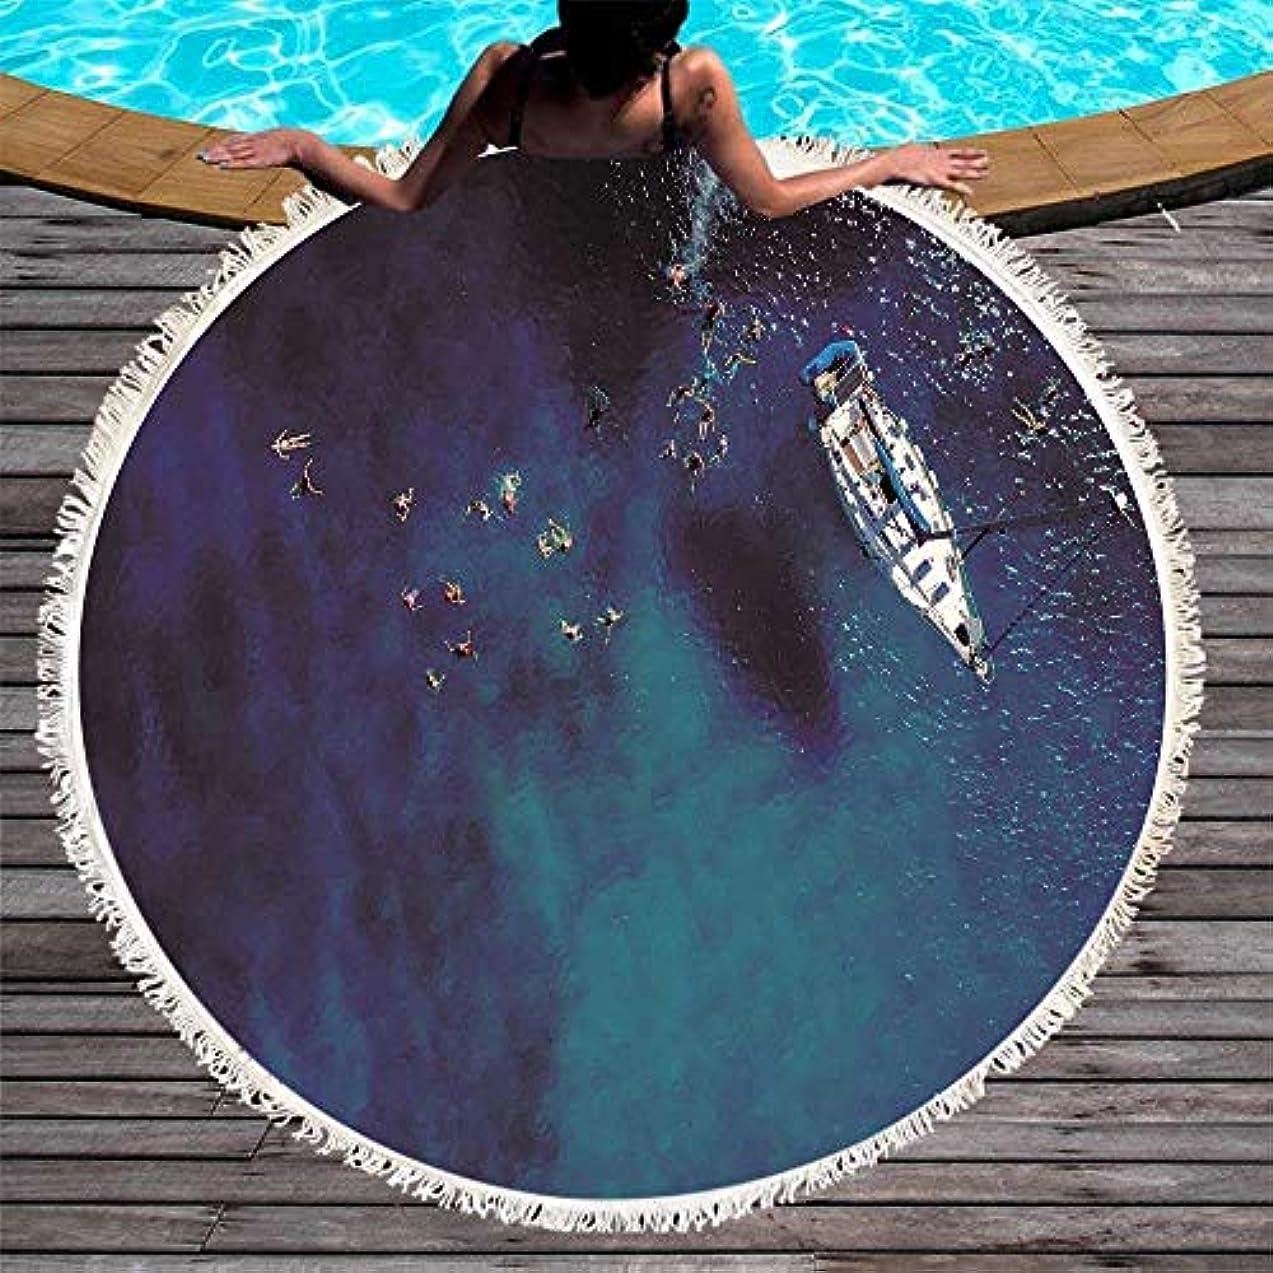 過敏な湿地個性インクラウンドビーチタオルプリントヨガドリームキャッチャー毛布付きタッセルピクニックマイクロファイバーマット150 cm (色 : 2, サイズ : 150CM)